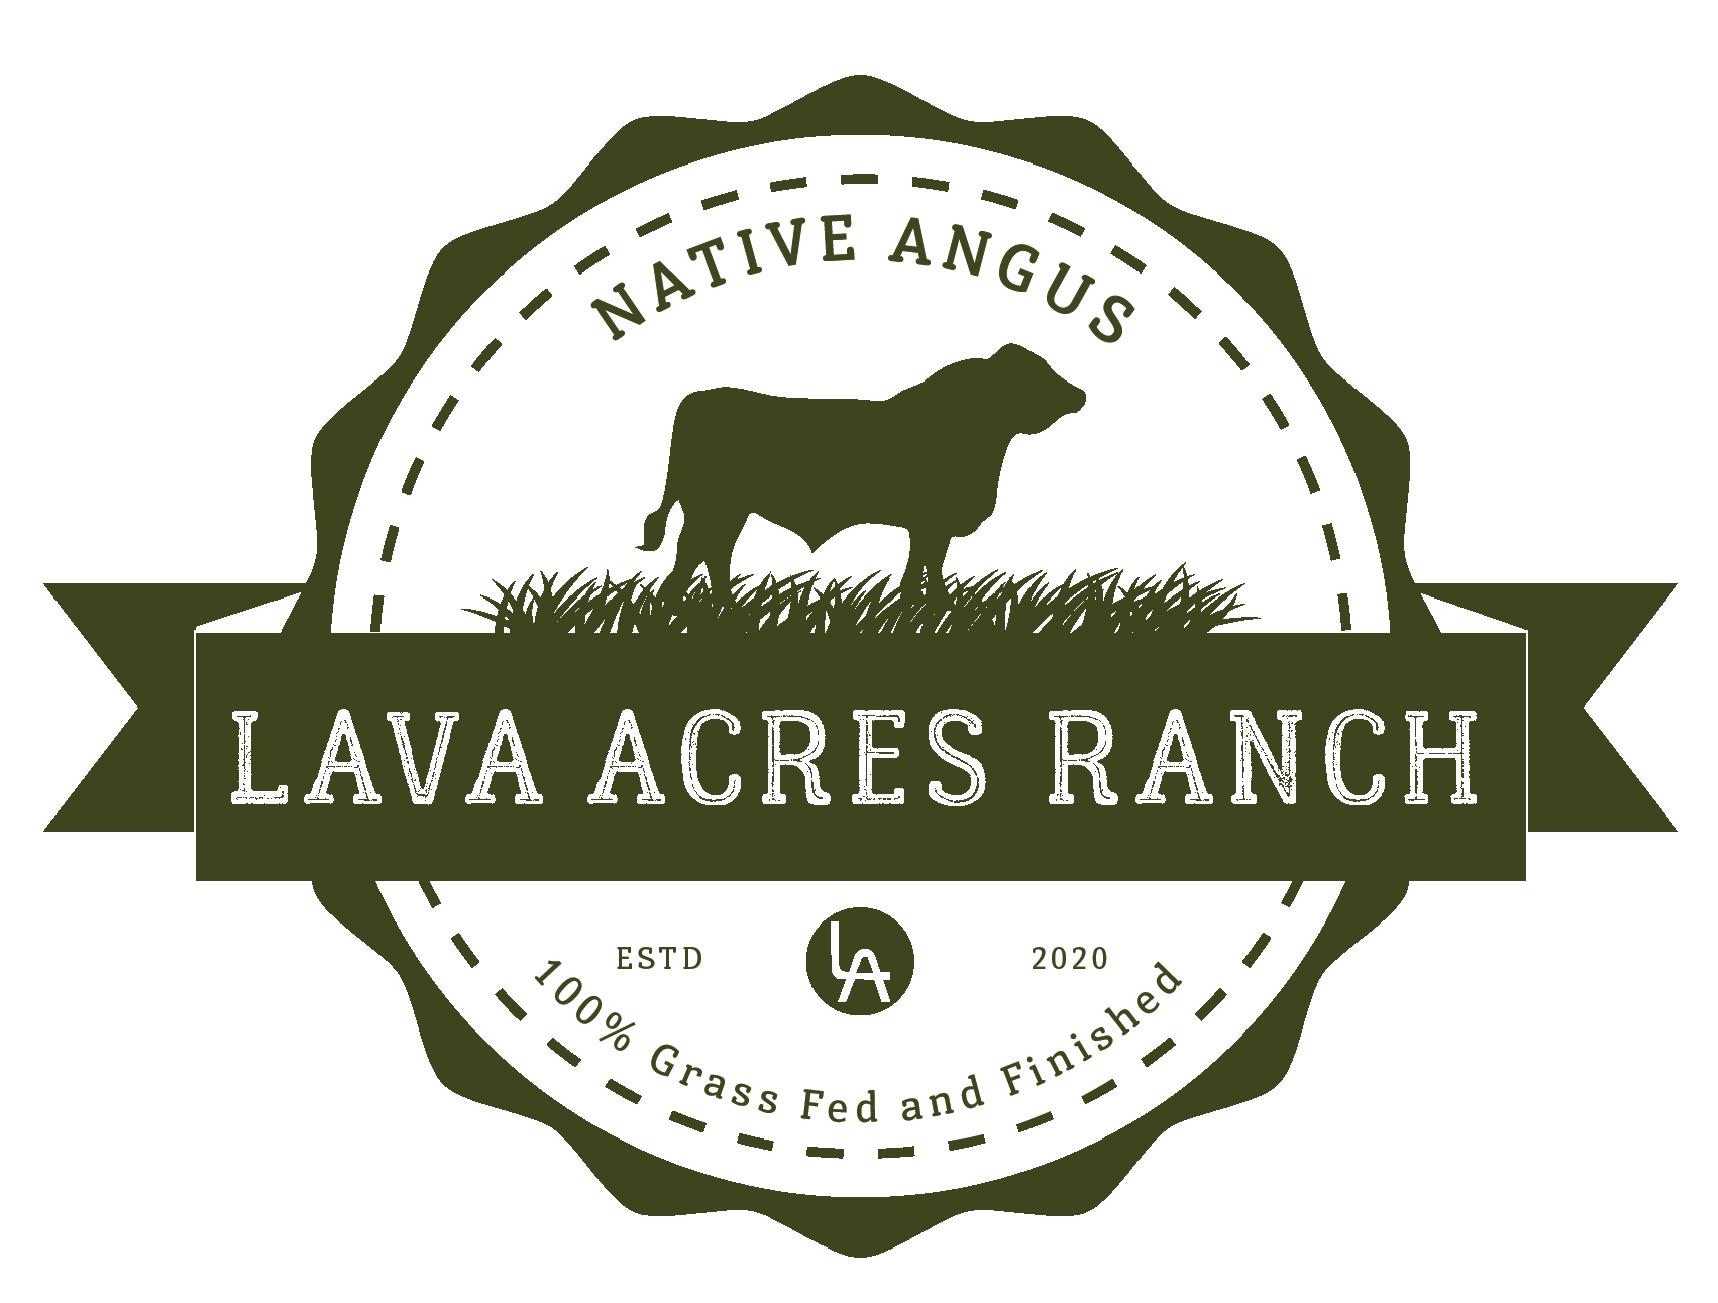 Lava Acres Ranch